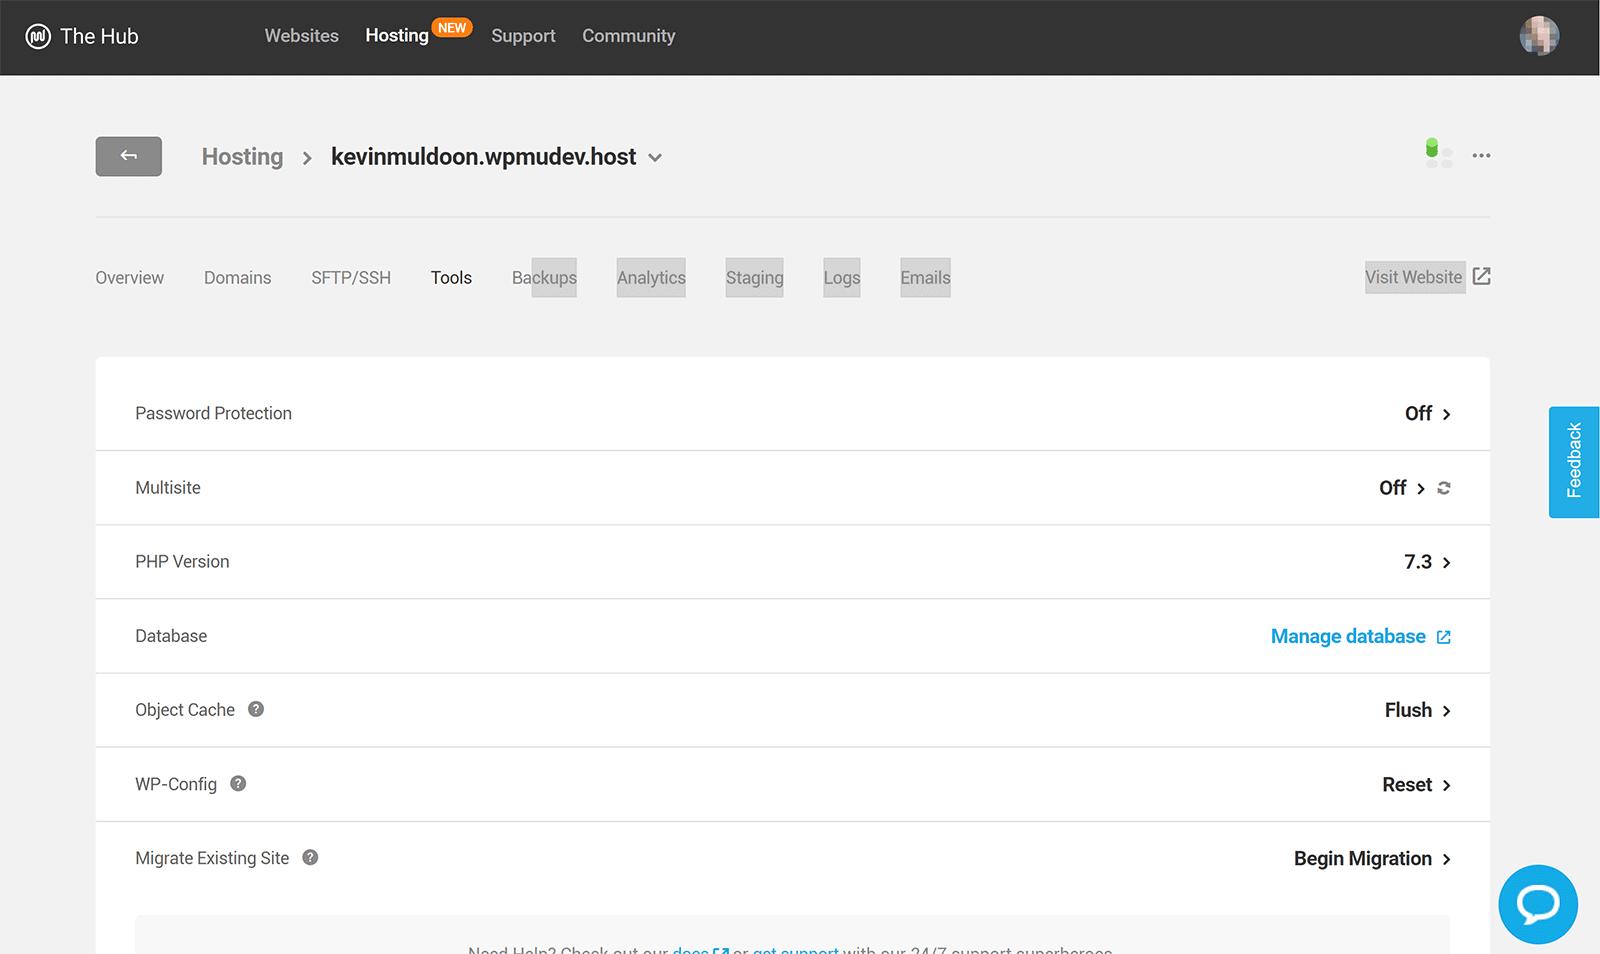 WPMU Dev Hosting Tools